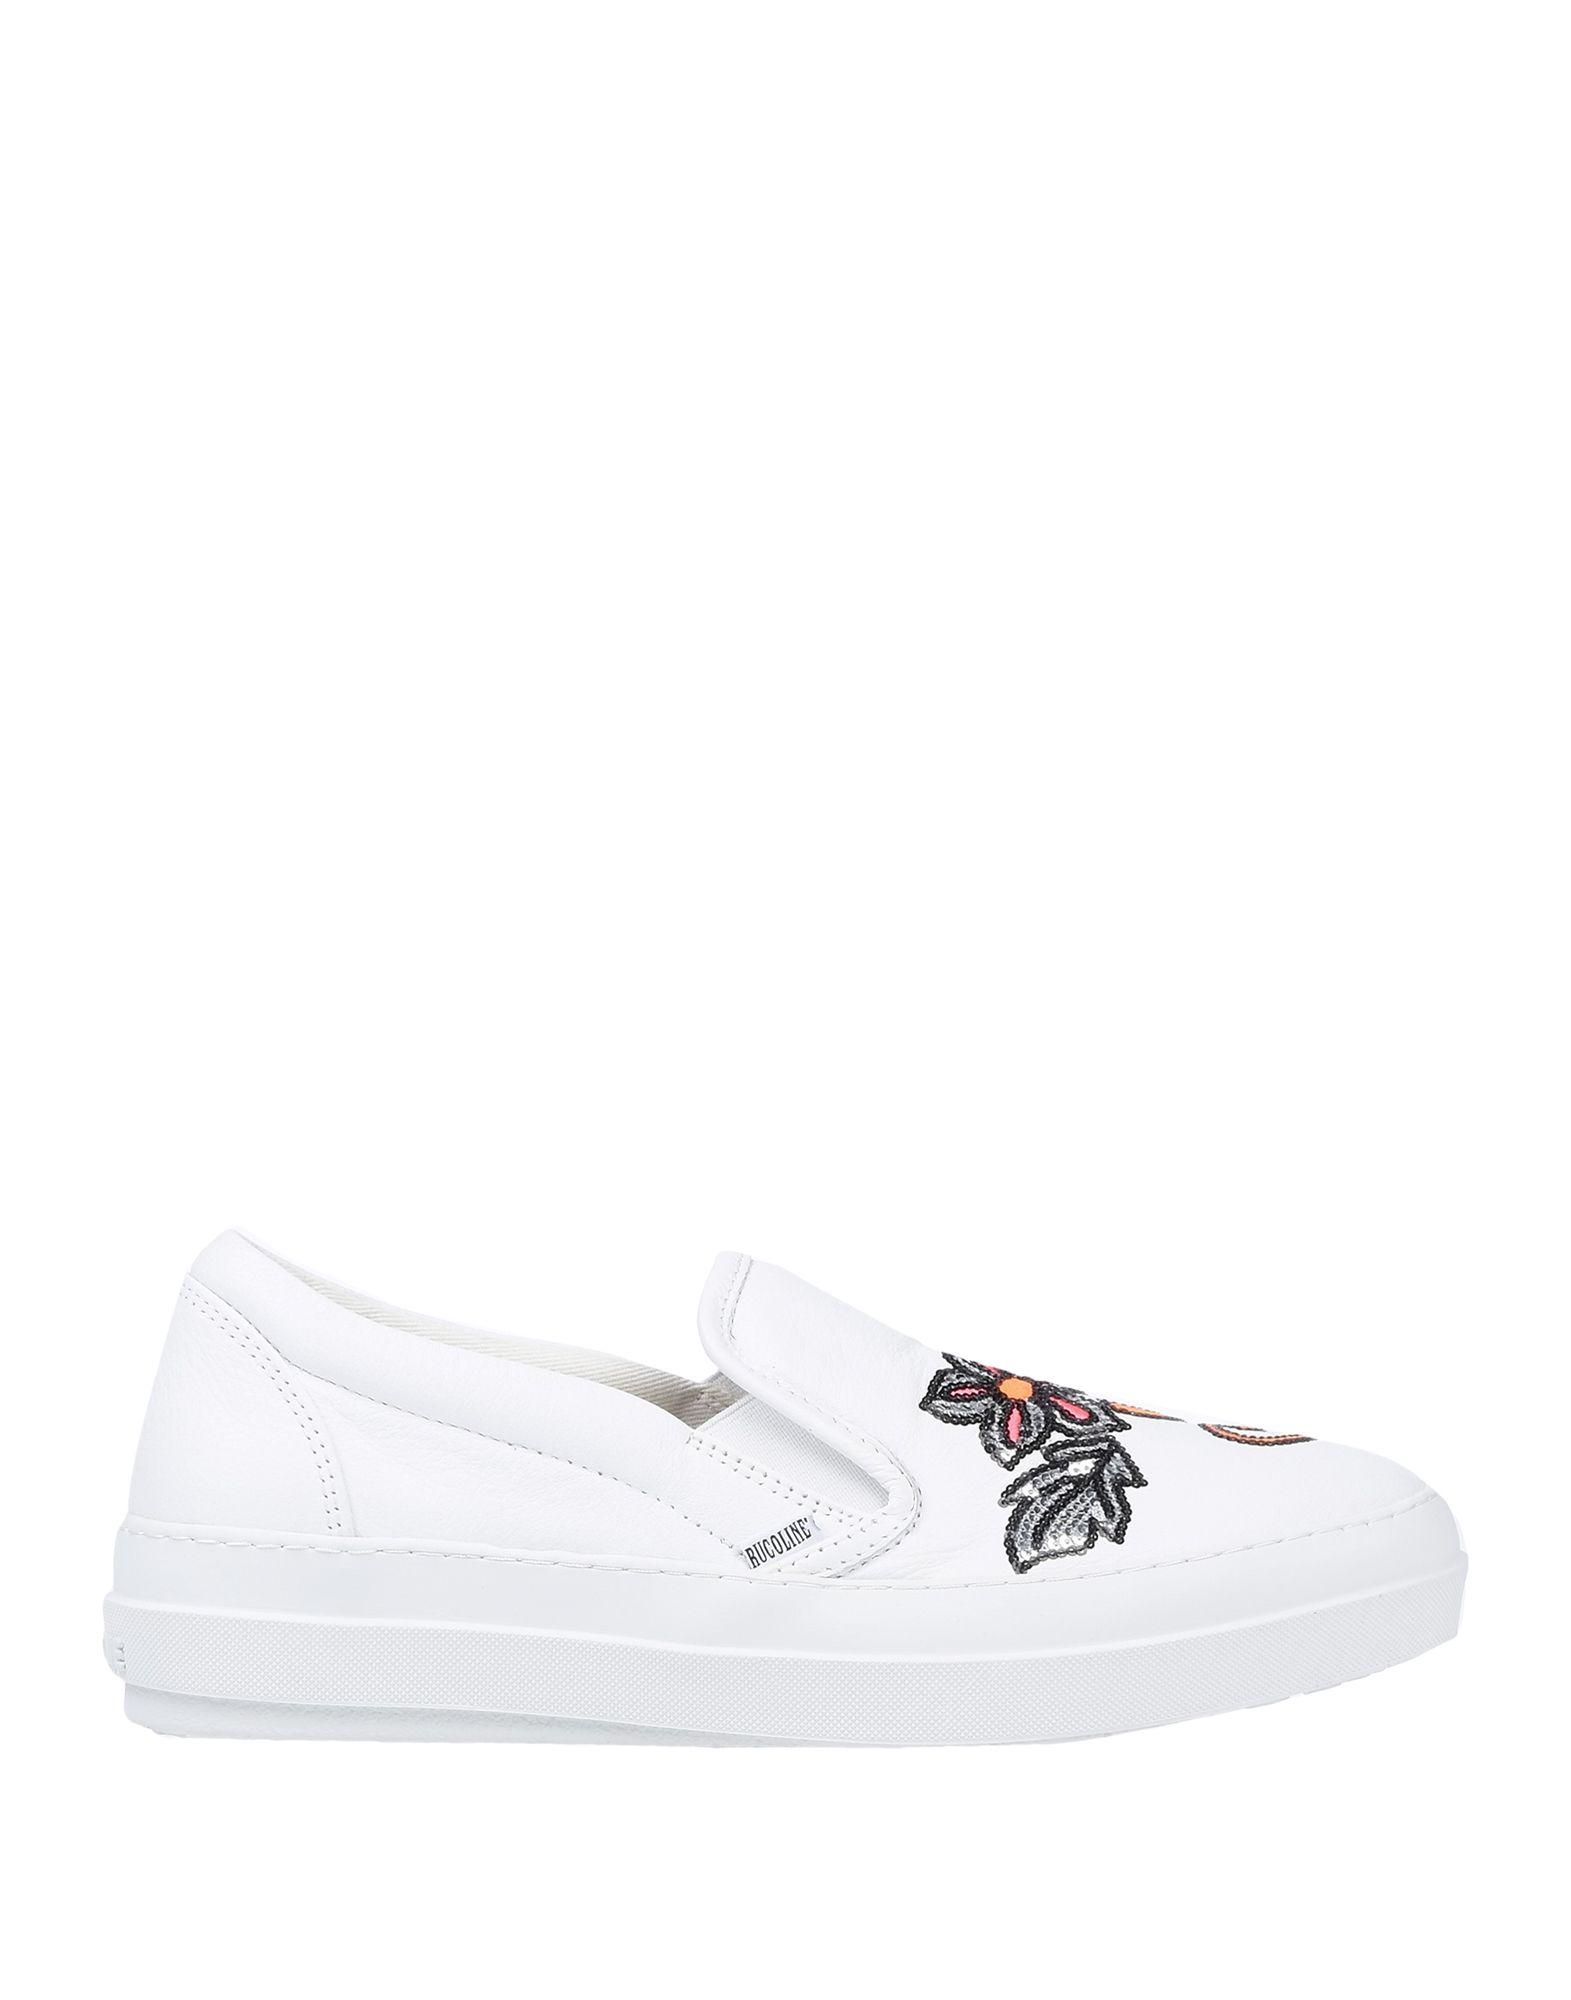 Ruco Line Sneakers Damen  11495900OP Gute Qualität beliebte Schuhe